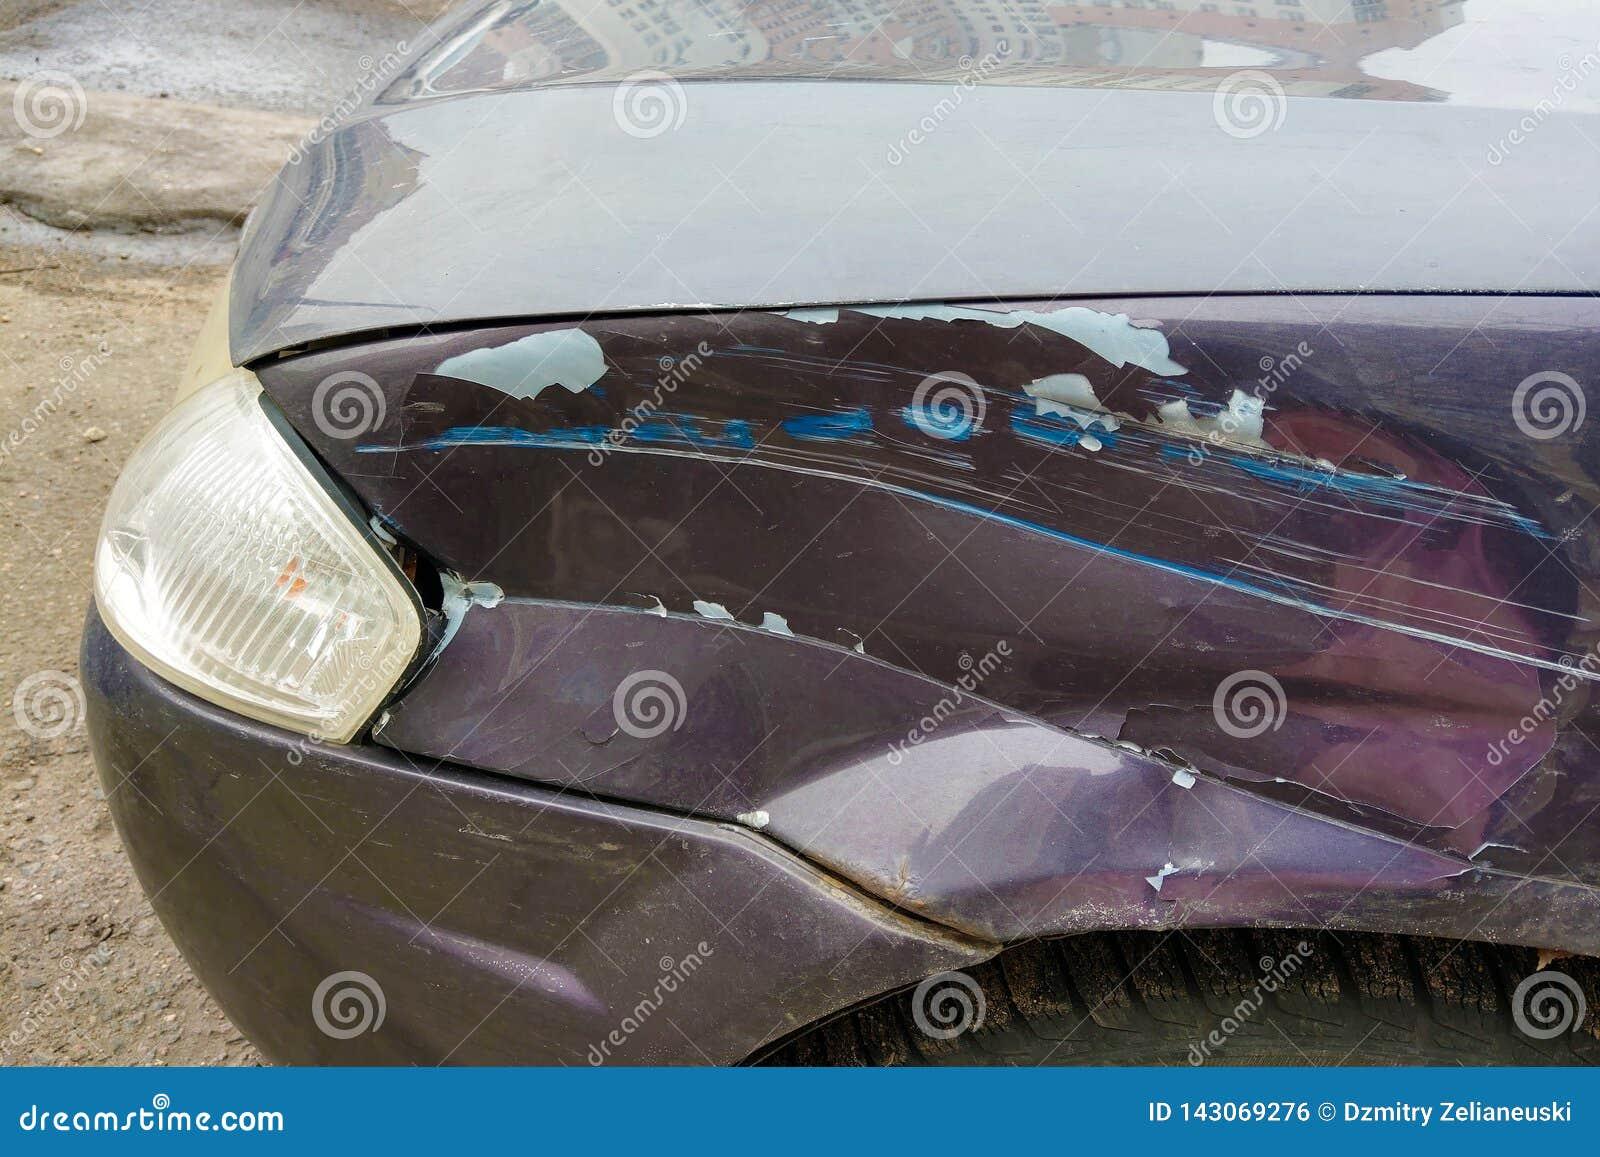 Beschadigde vleugel in een auto na een ongeval Close-up